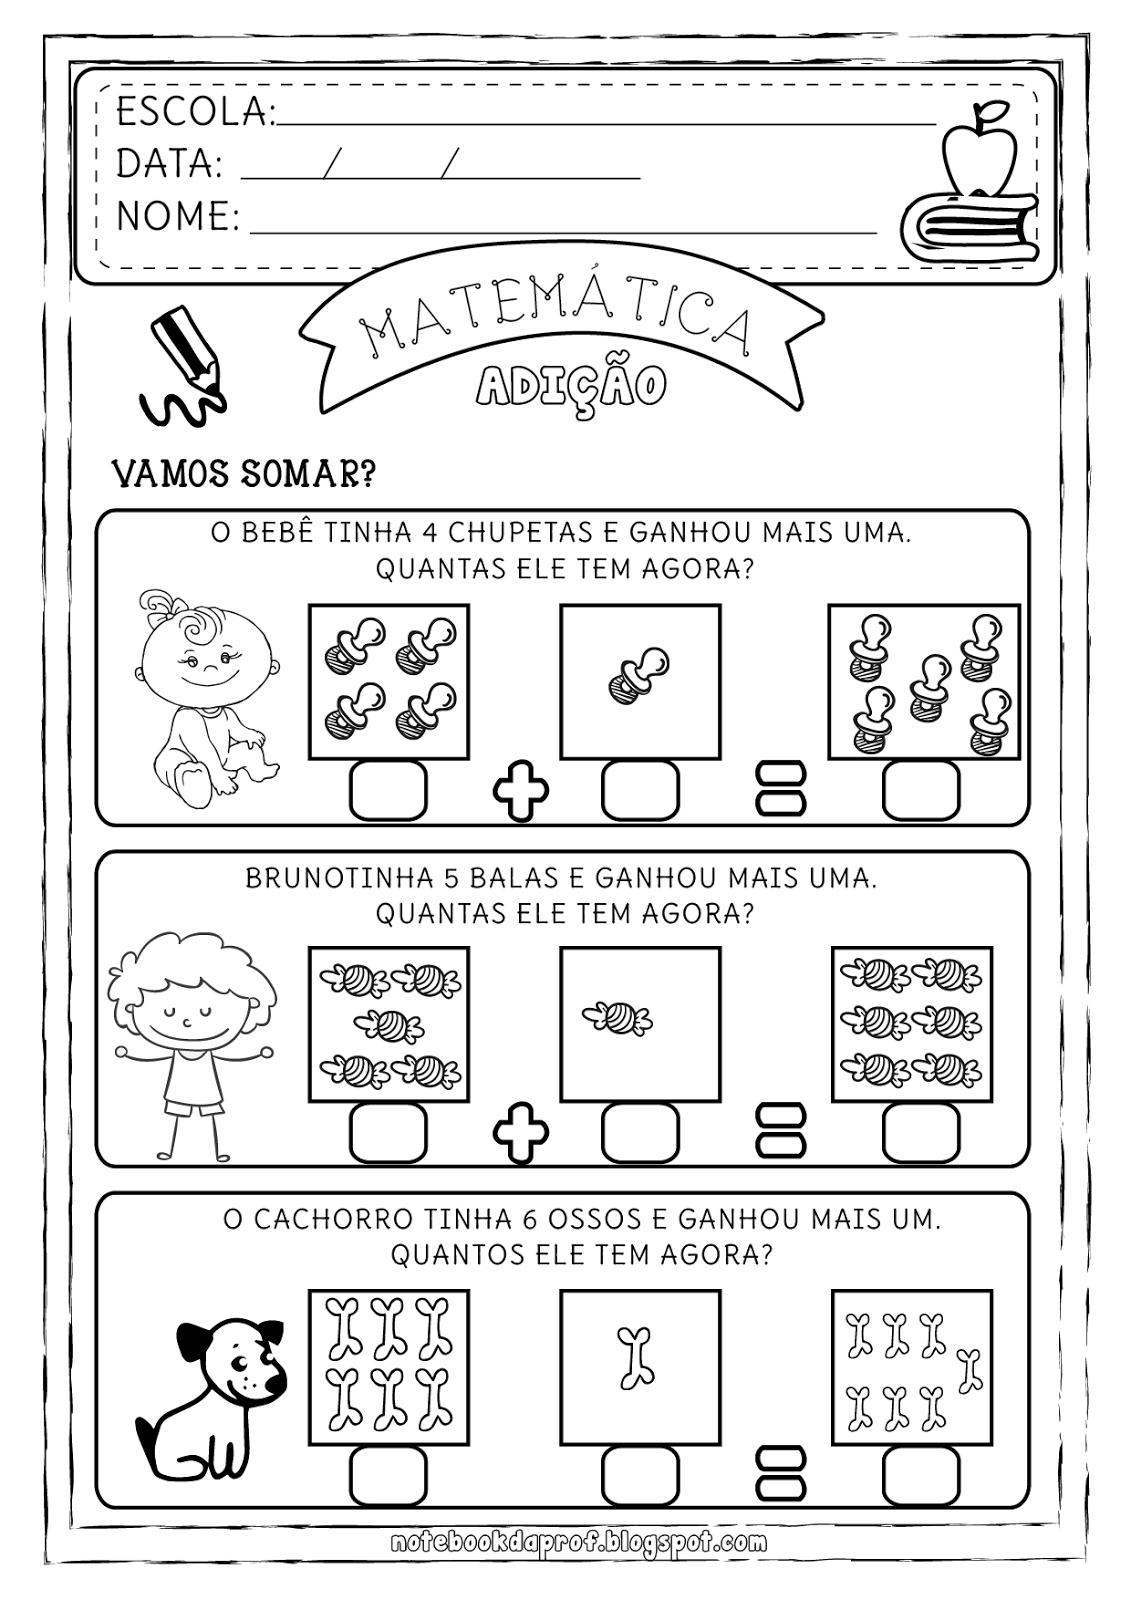 Suficiente Atividades de Matemática de Adição - 1º Ano do Ensino Fundamental VO35